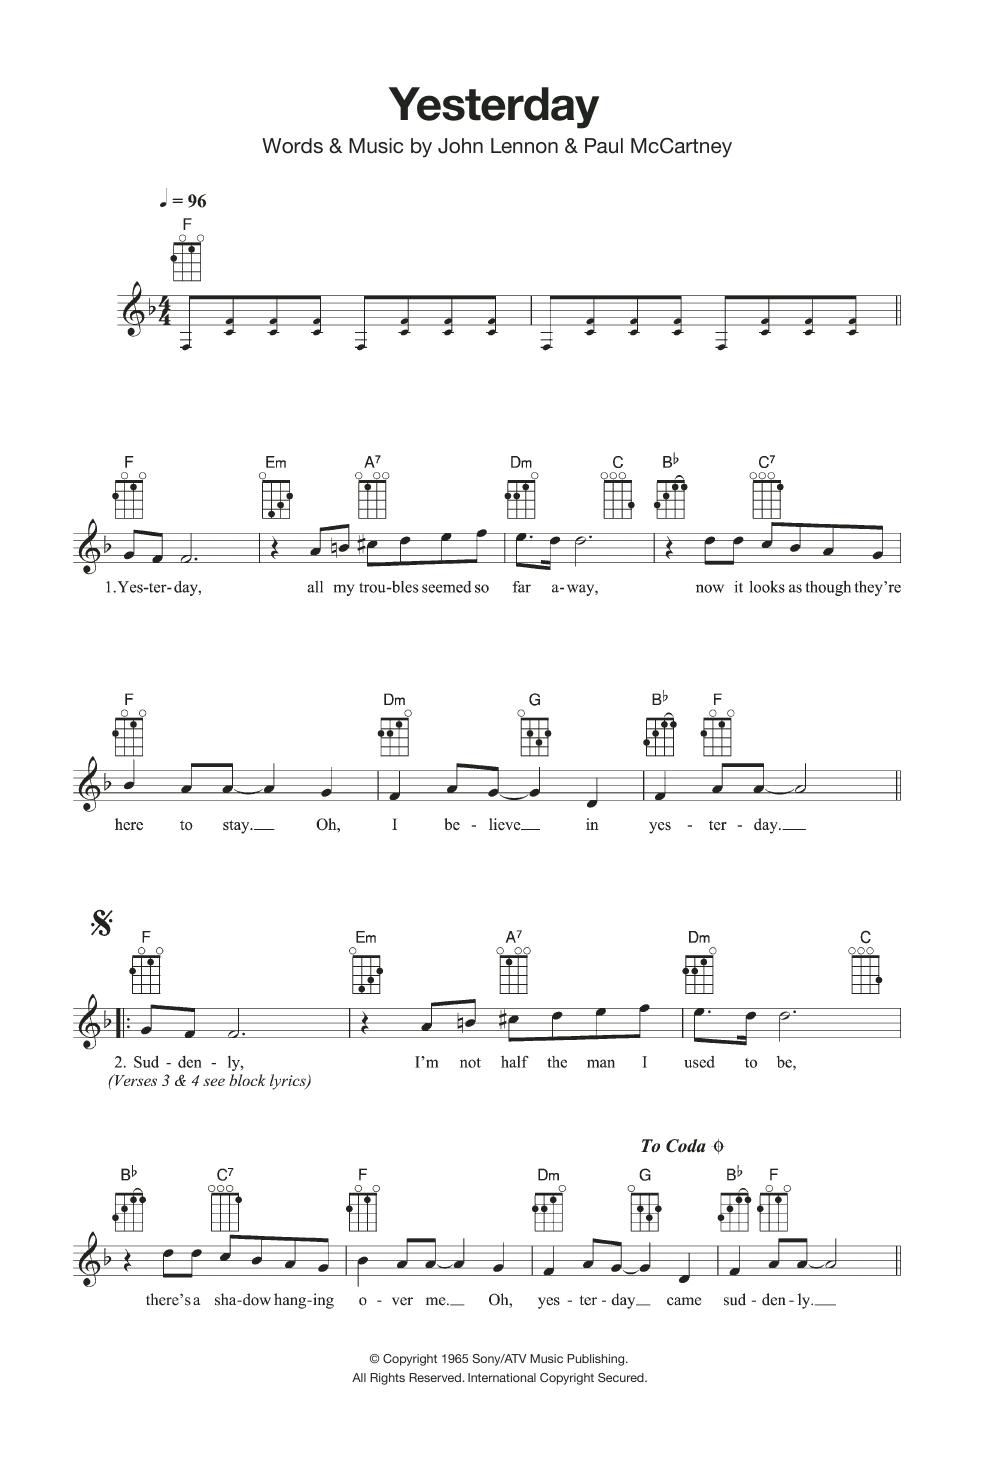 Yesterday Sheet Music